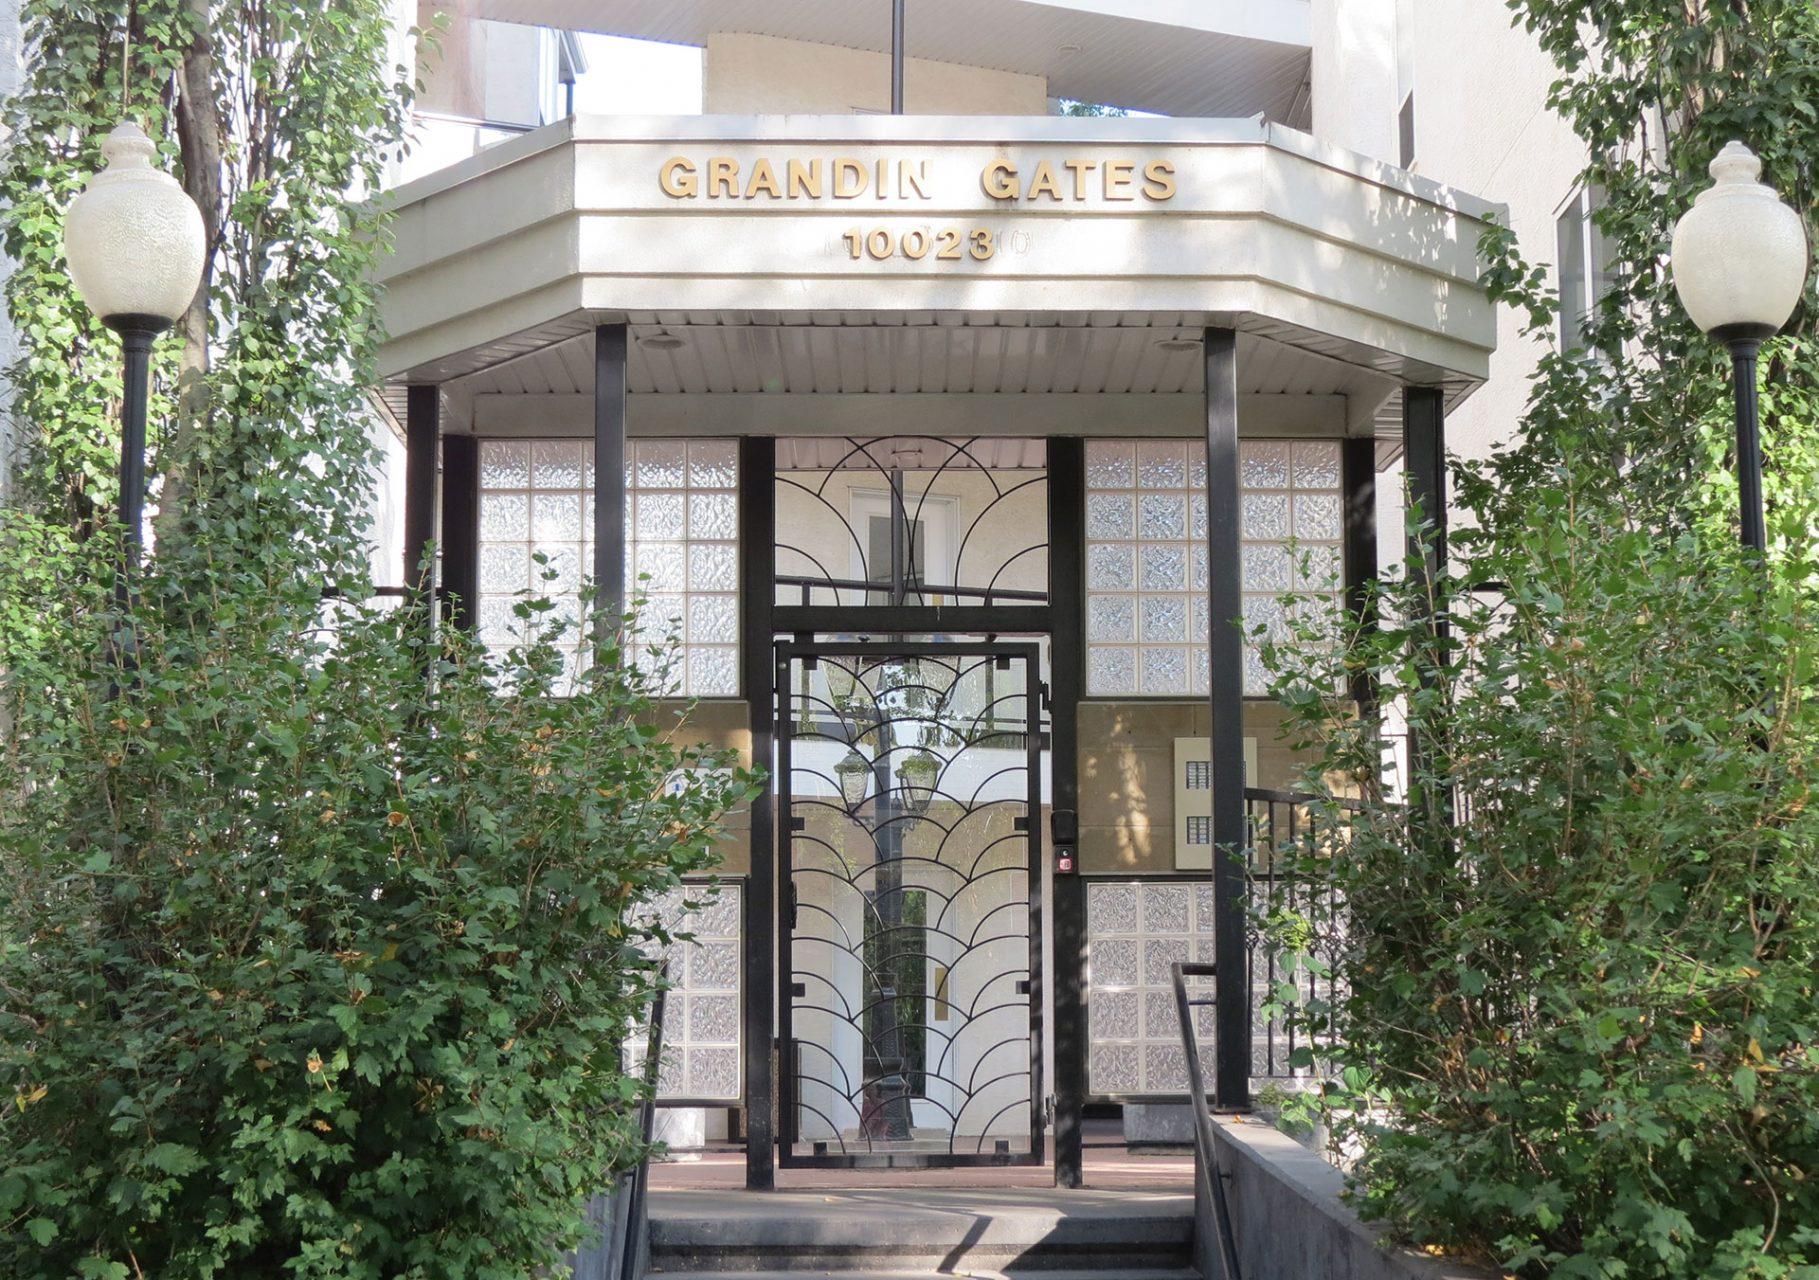 CS Management Inc. - Grandin Gates Condominiums